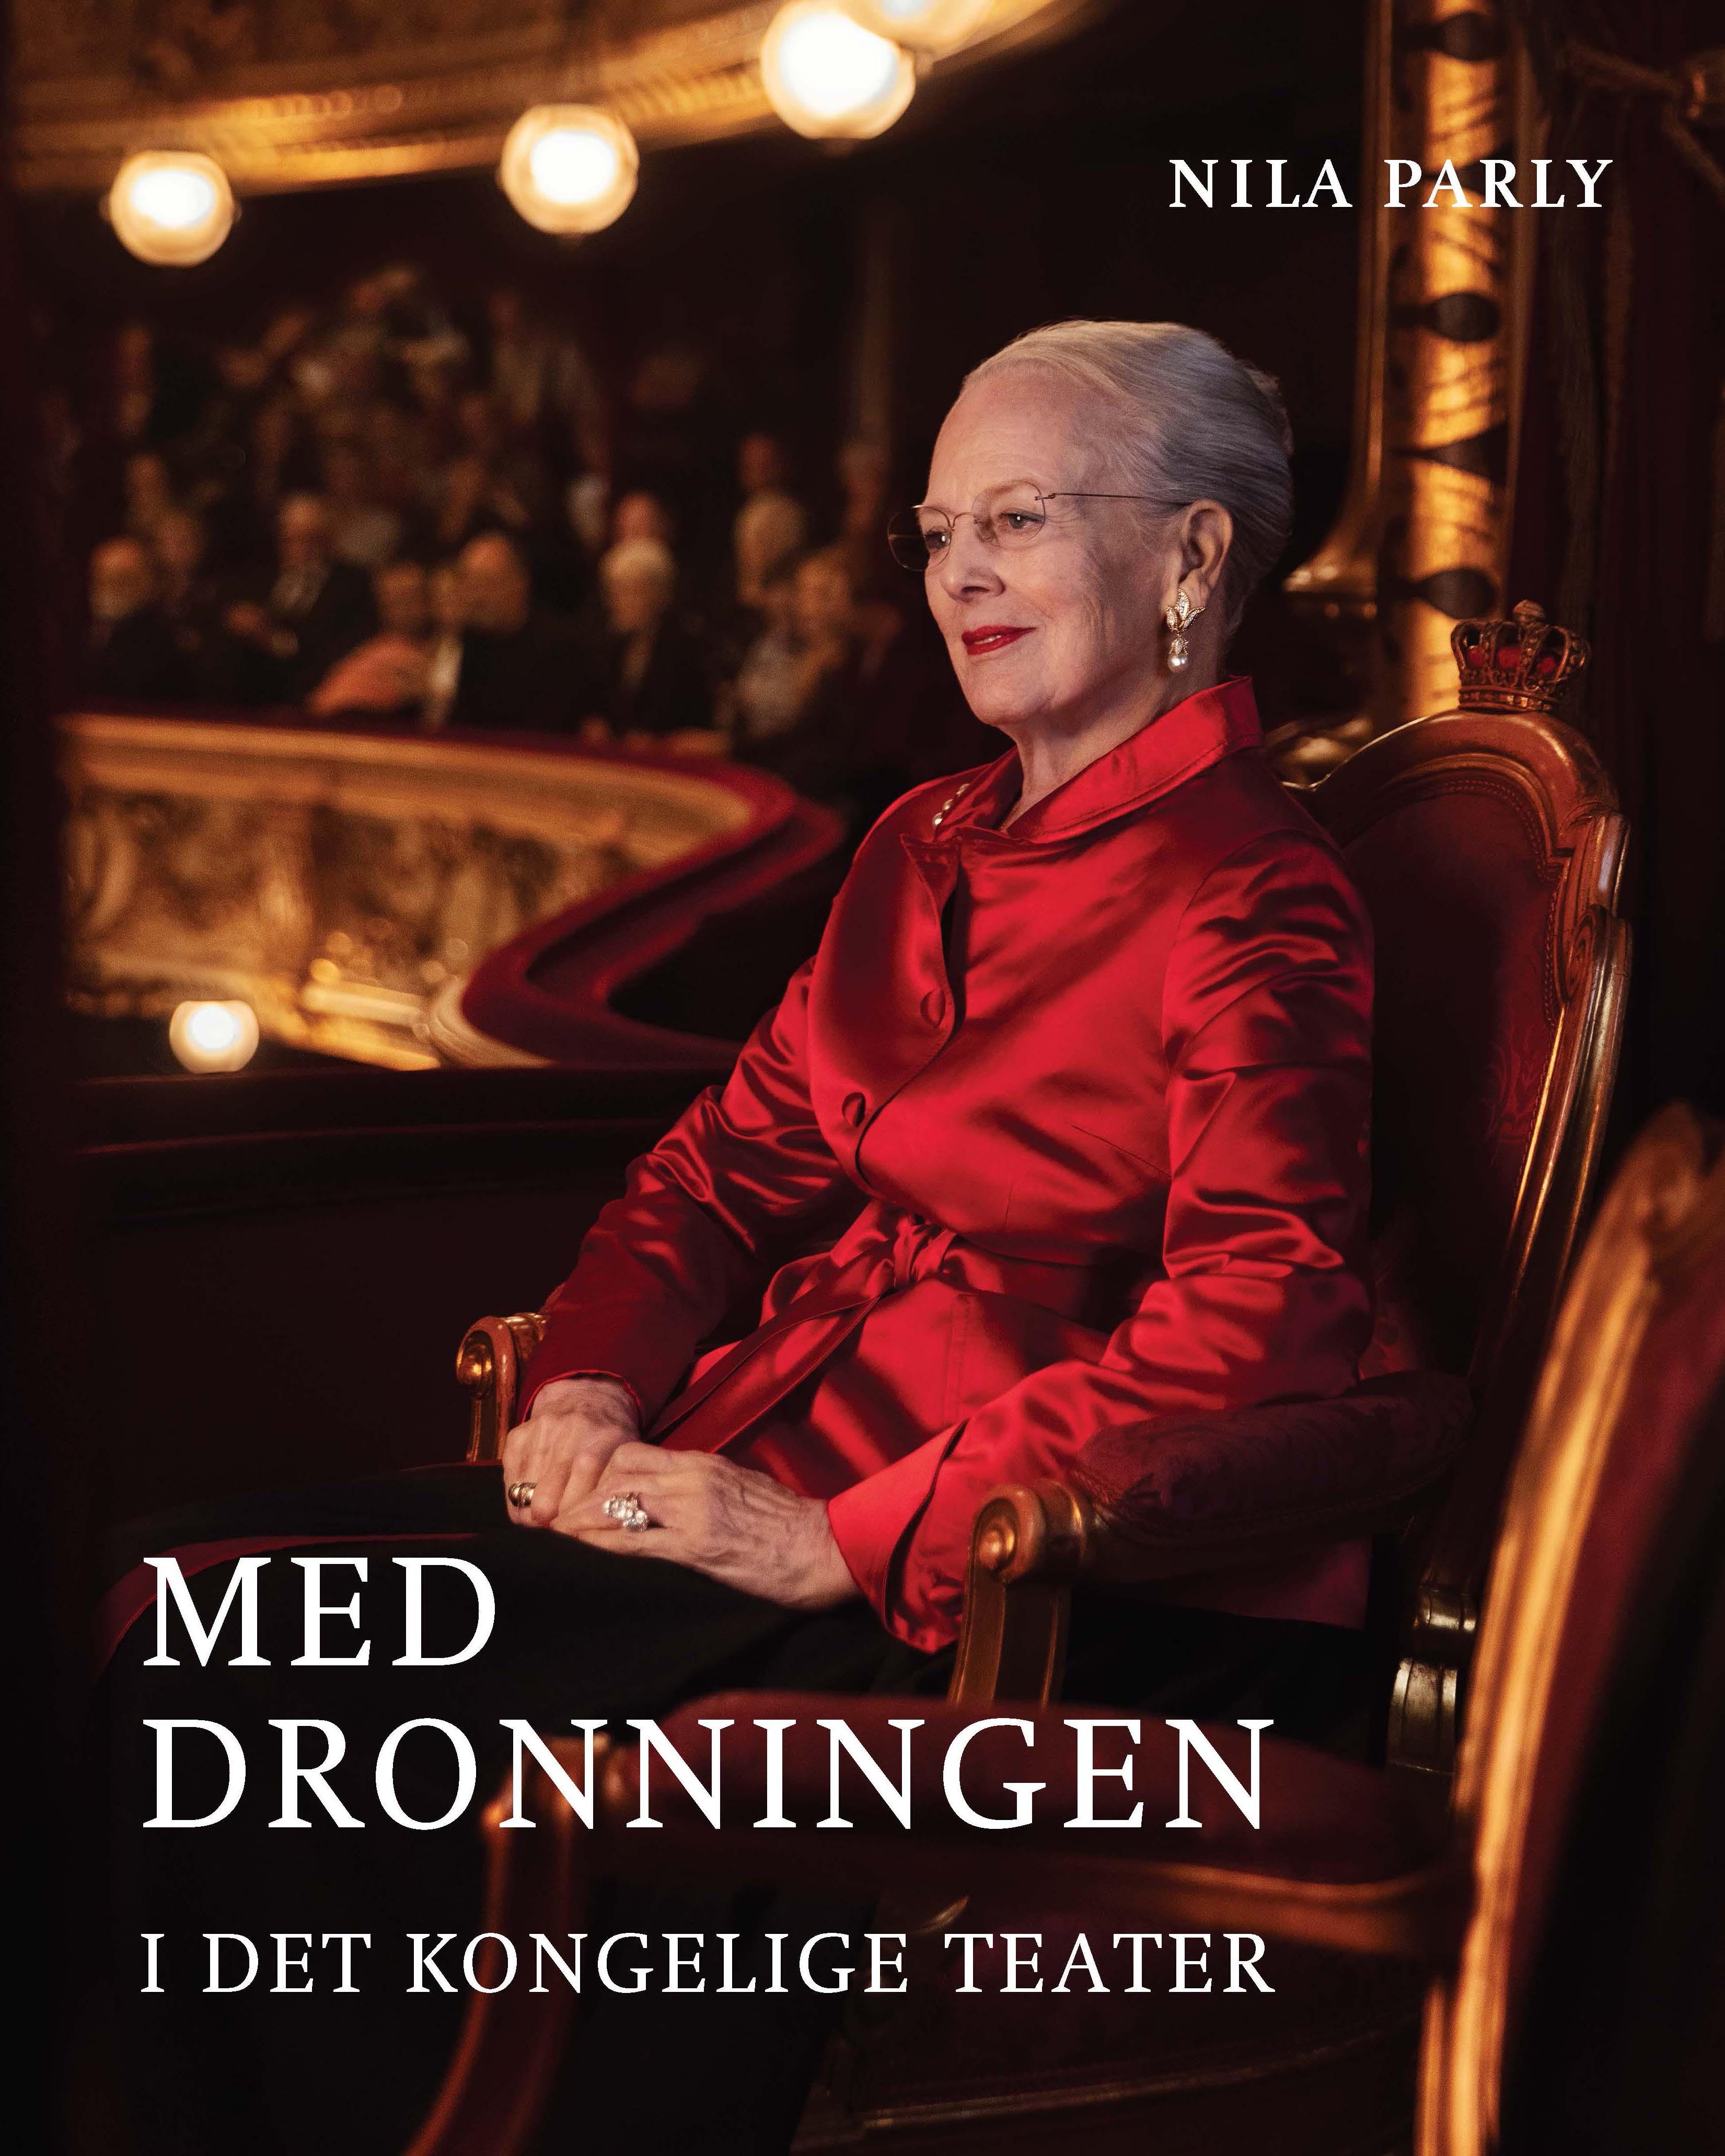 Med dronningen i Det Kongelige Teater - Nila Parly - Bøger - Politikens Forlag - 9788740046885 - Mar 25, 2020